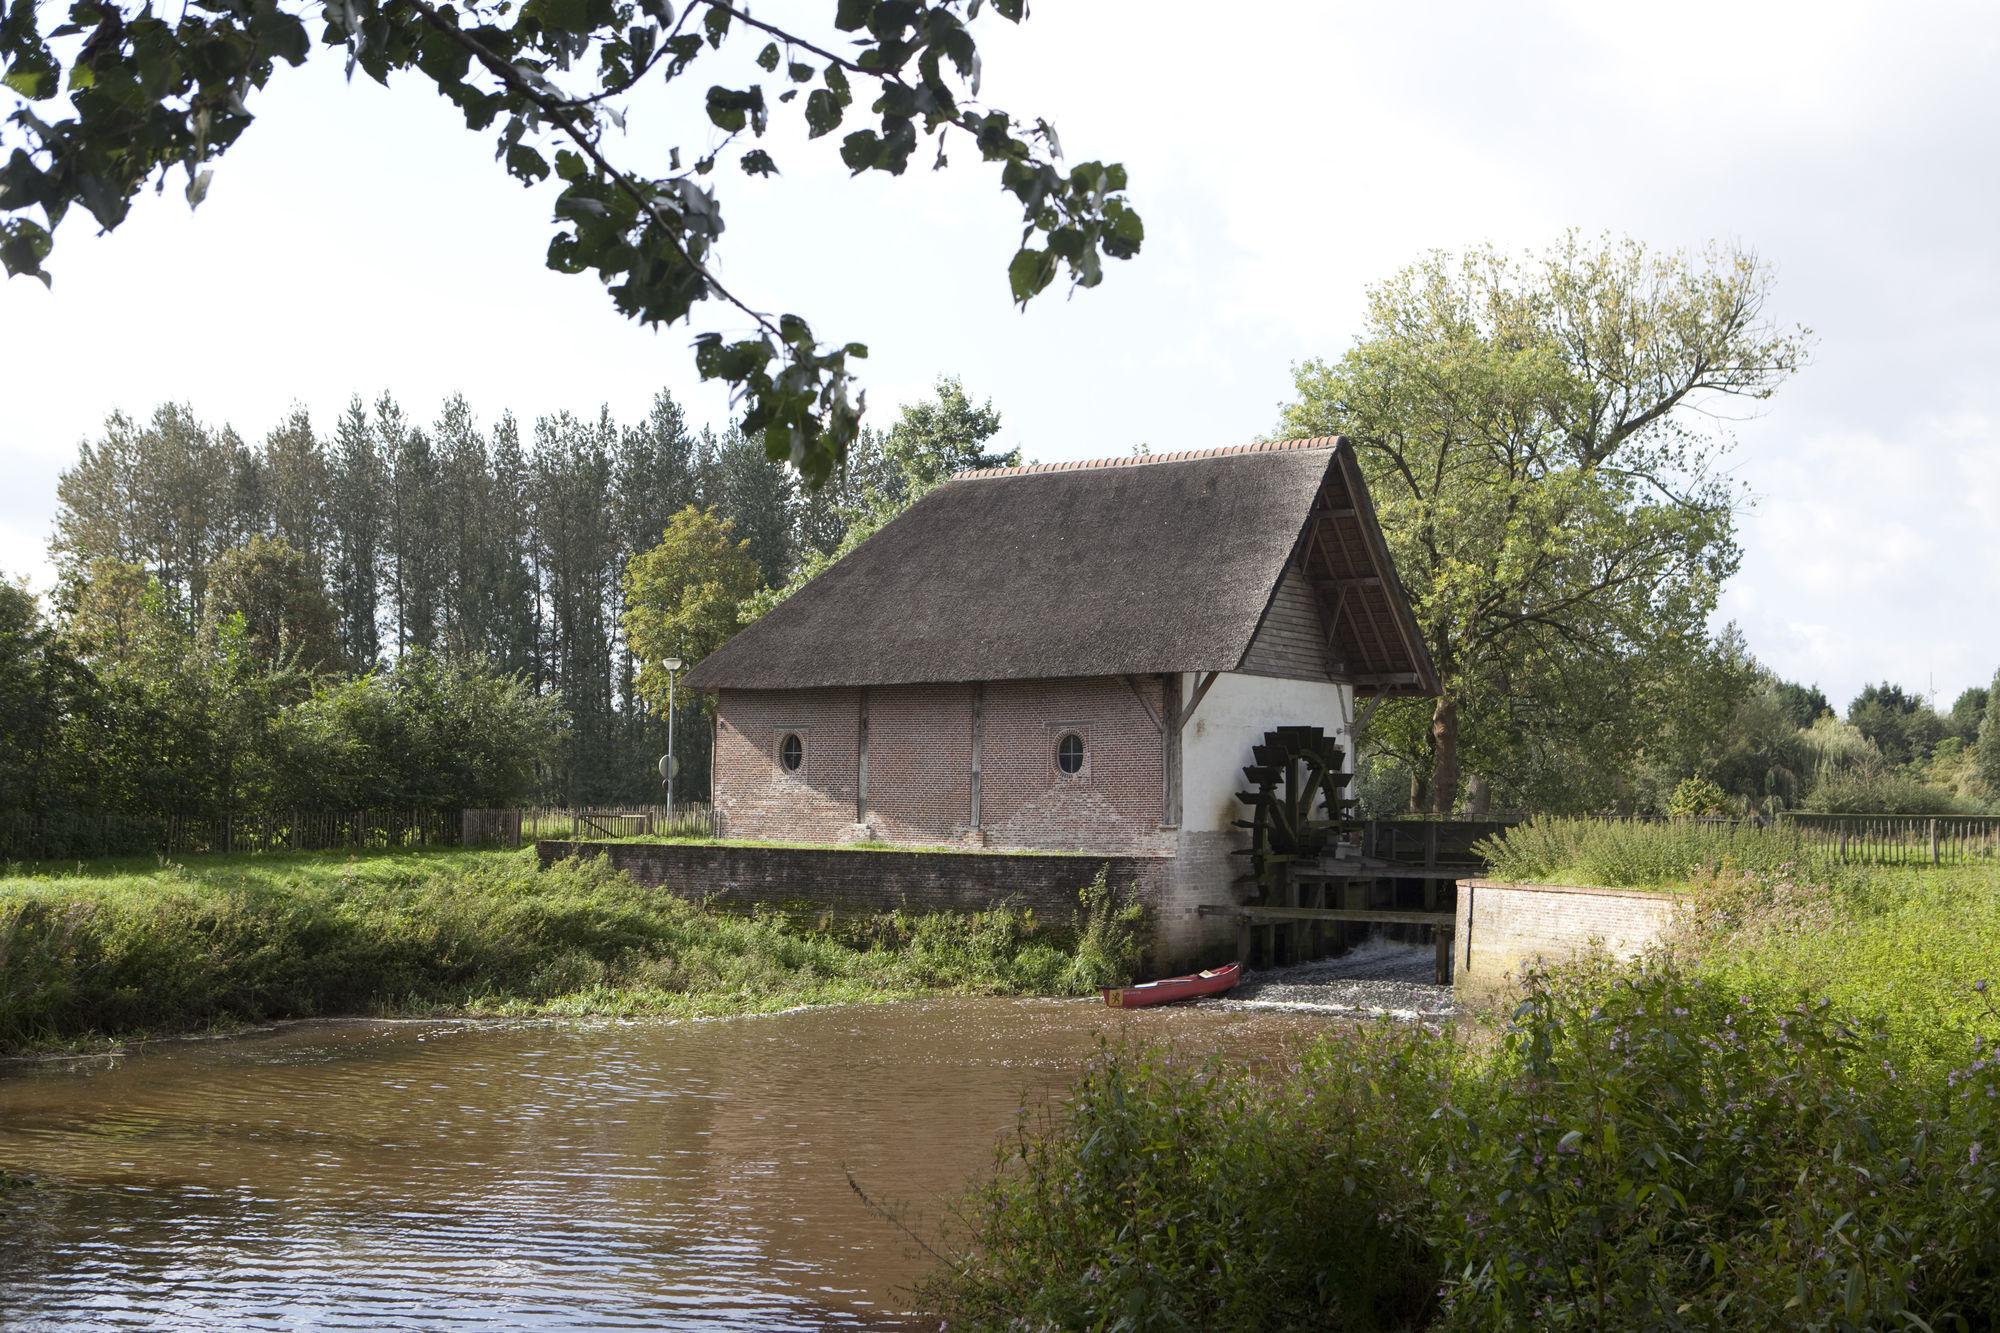 Rondtoeren in het grensgebied tussen de Antwerpse kempen en buur Nederland.